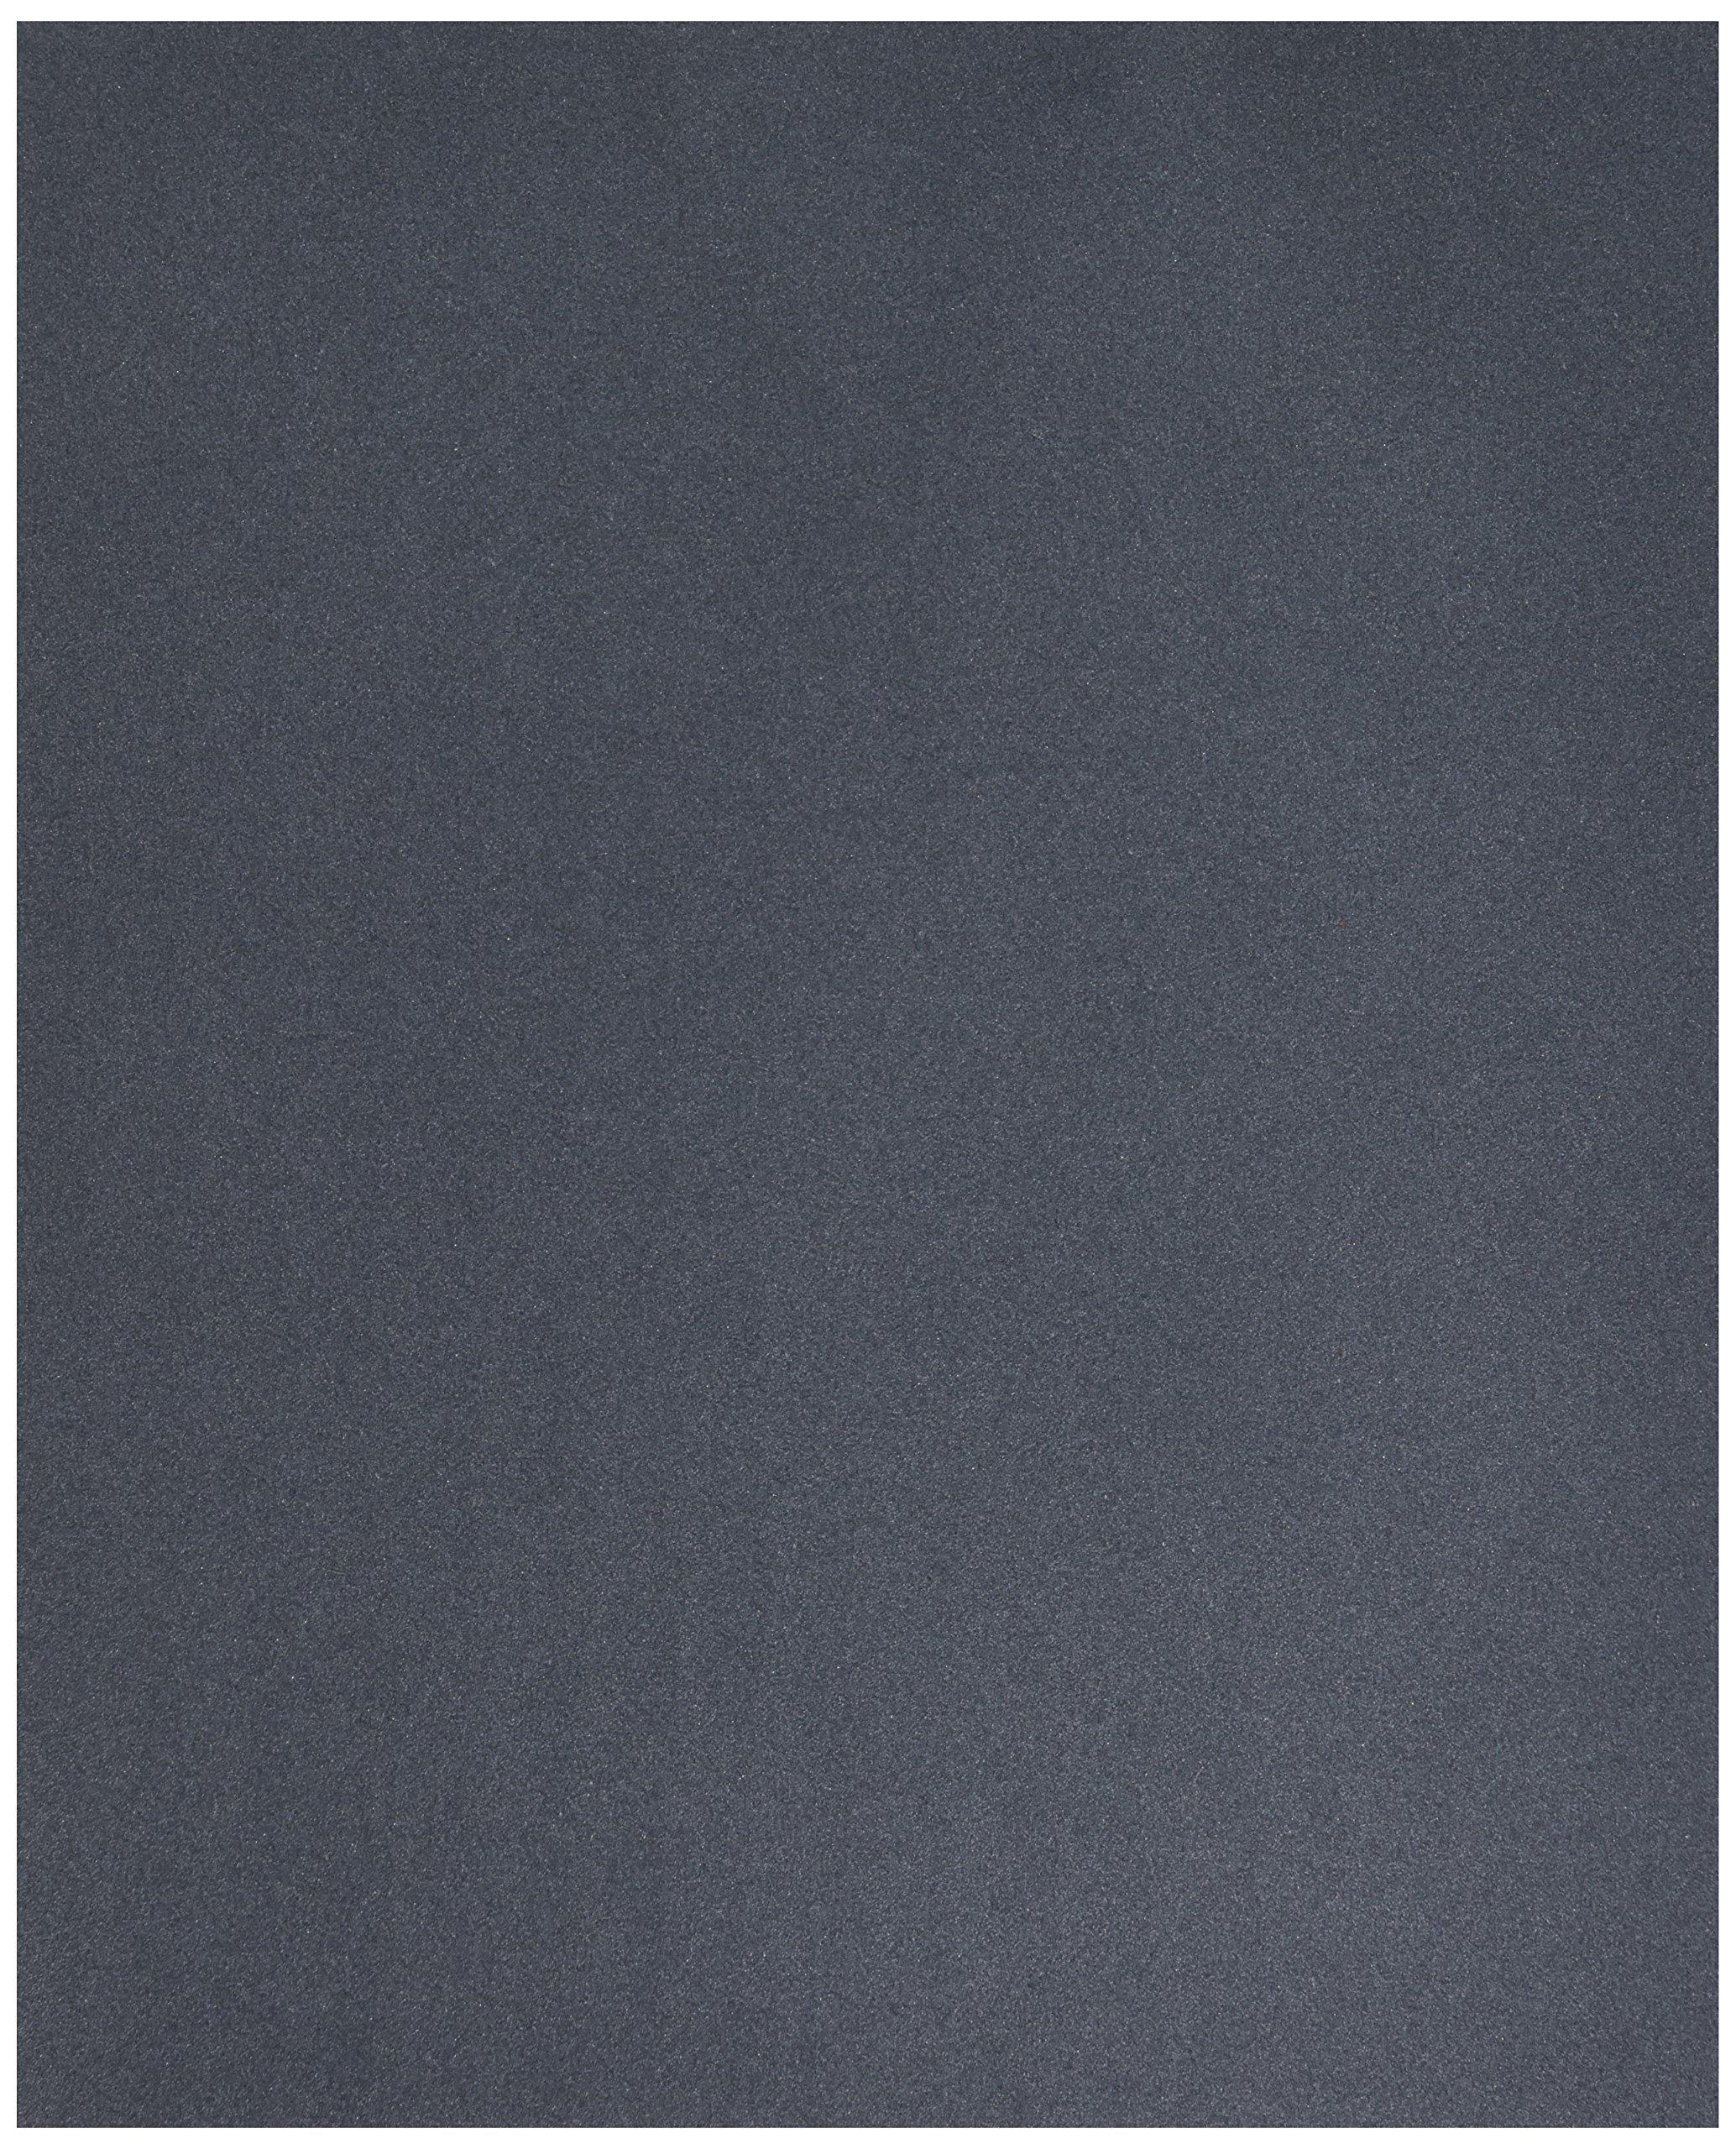 3M 02007 Wetordry Tri-M-ITE Sheet